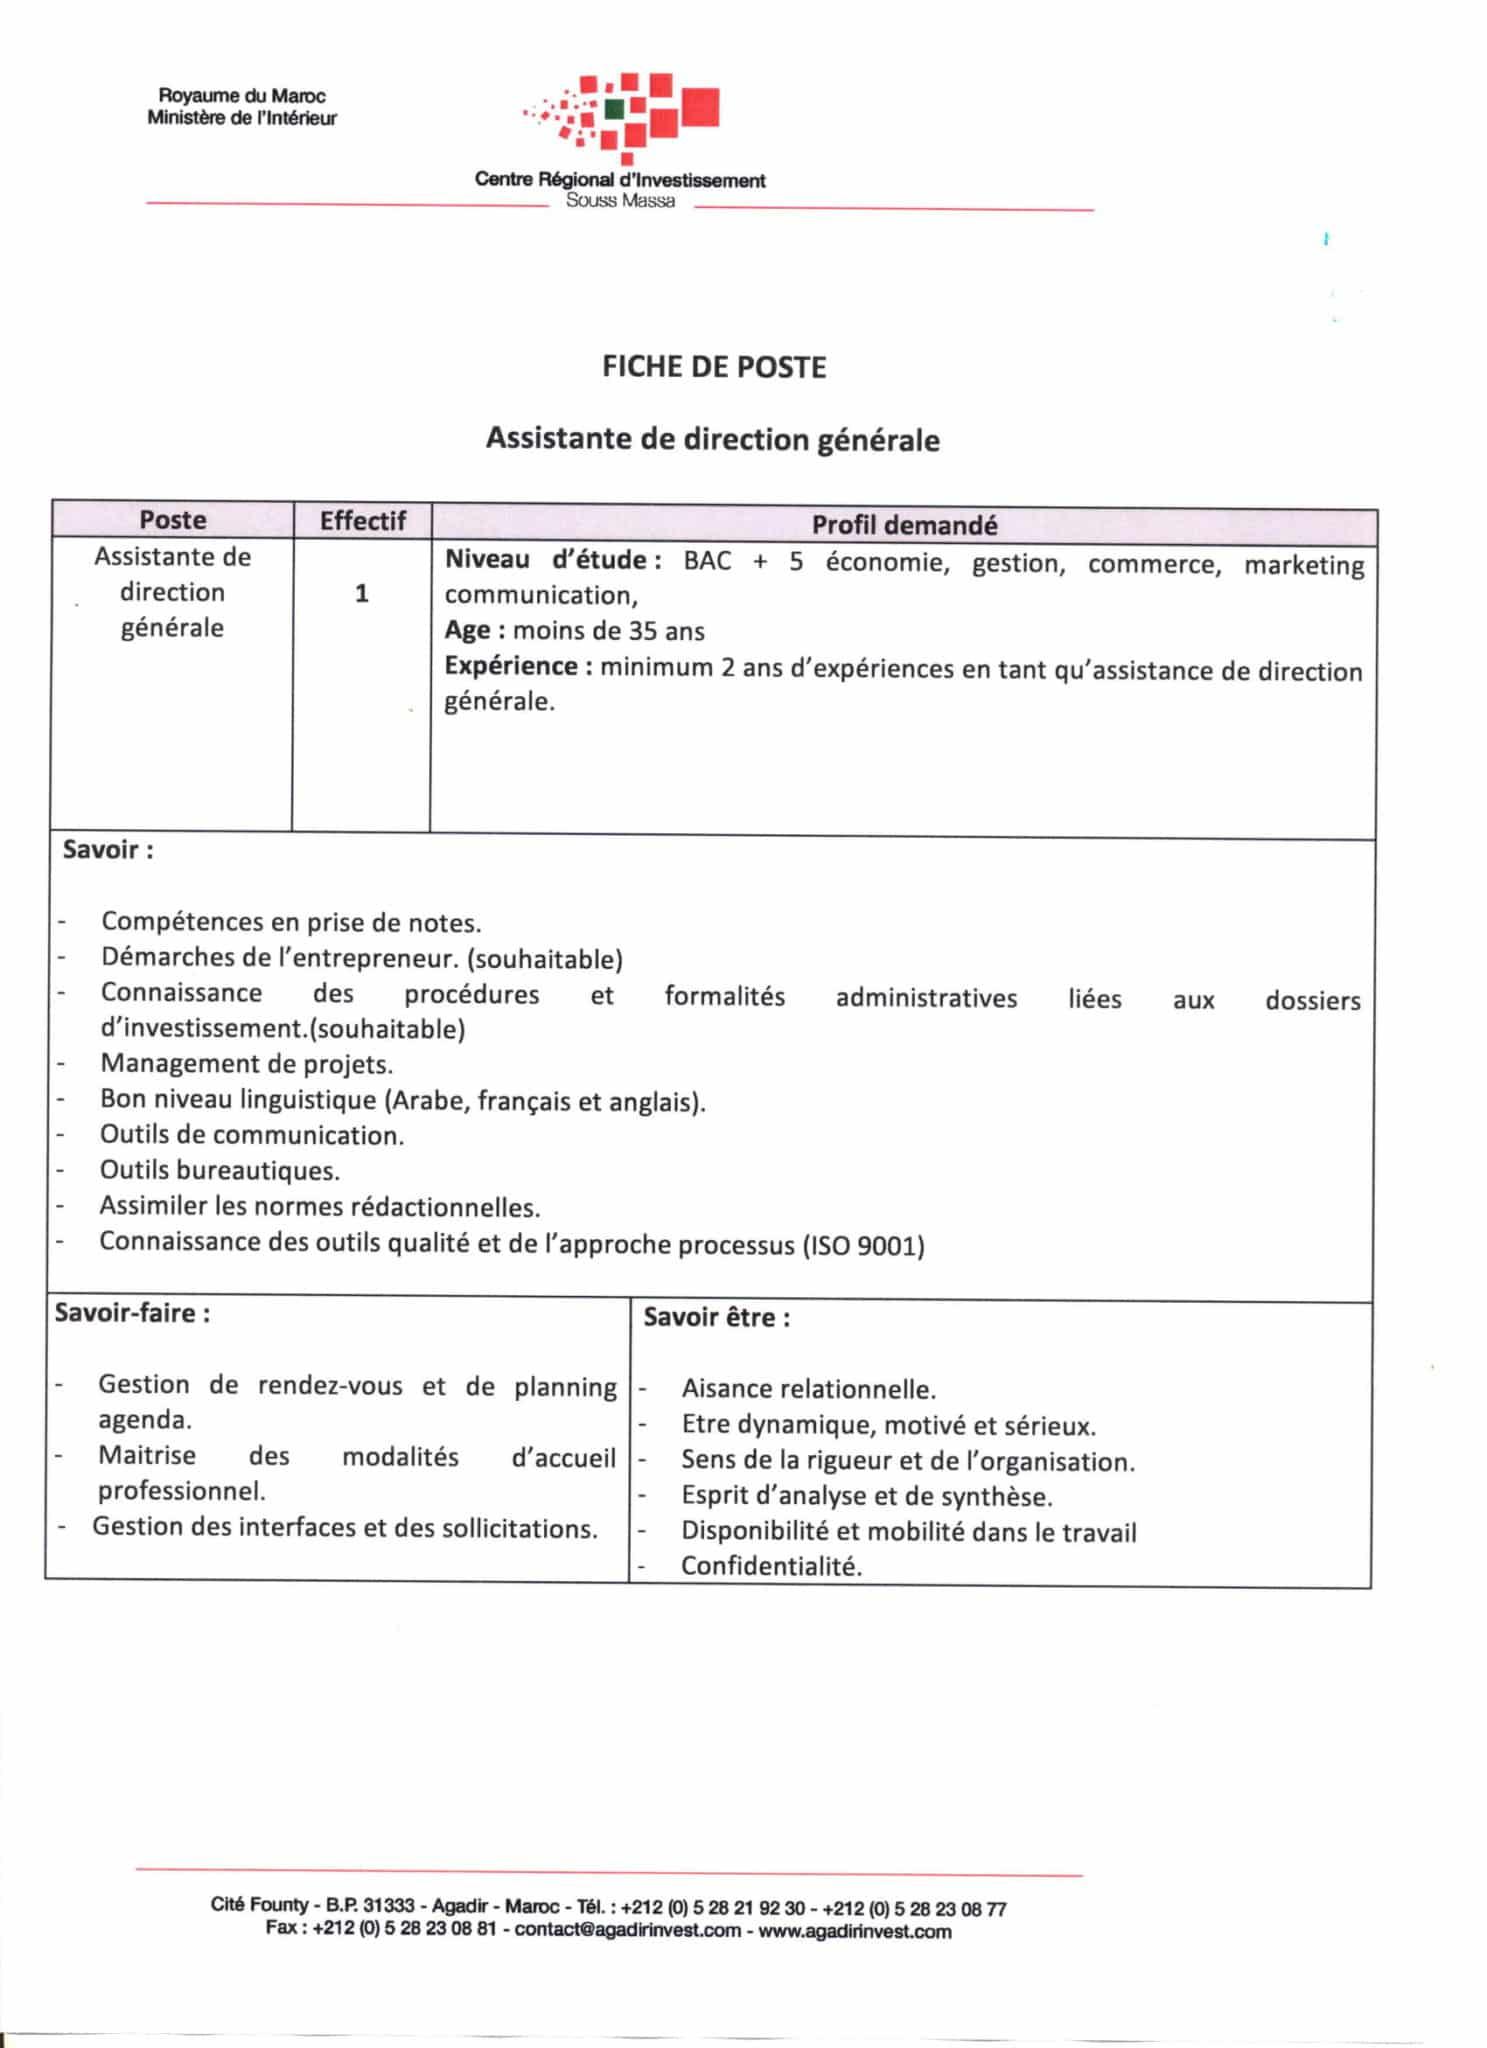 Assistantededirection14 3 scaled Centre Régional d'Investissement Souss Massa recrute Assistante de Direction Générale